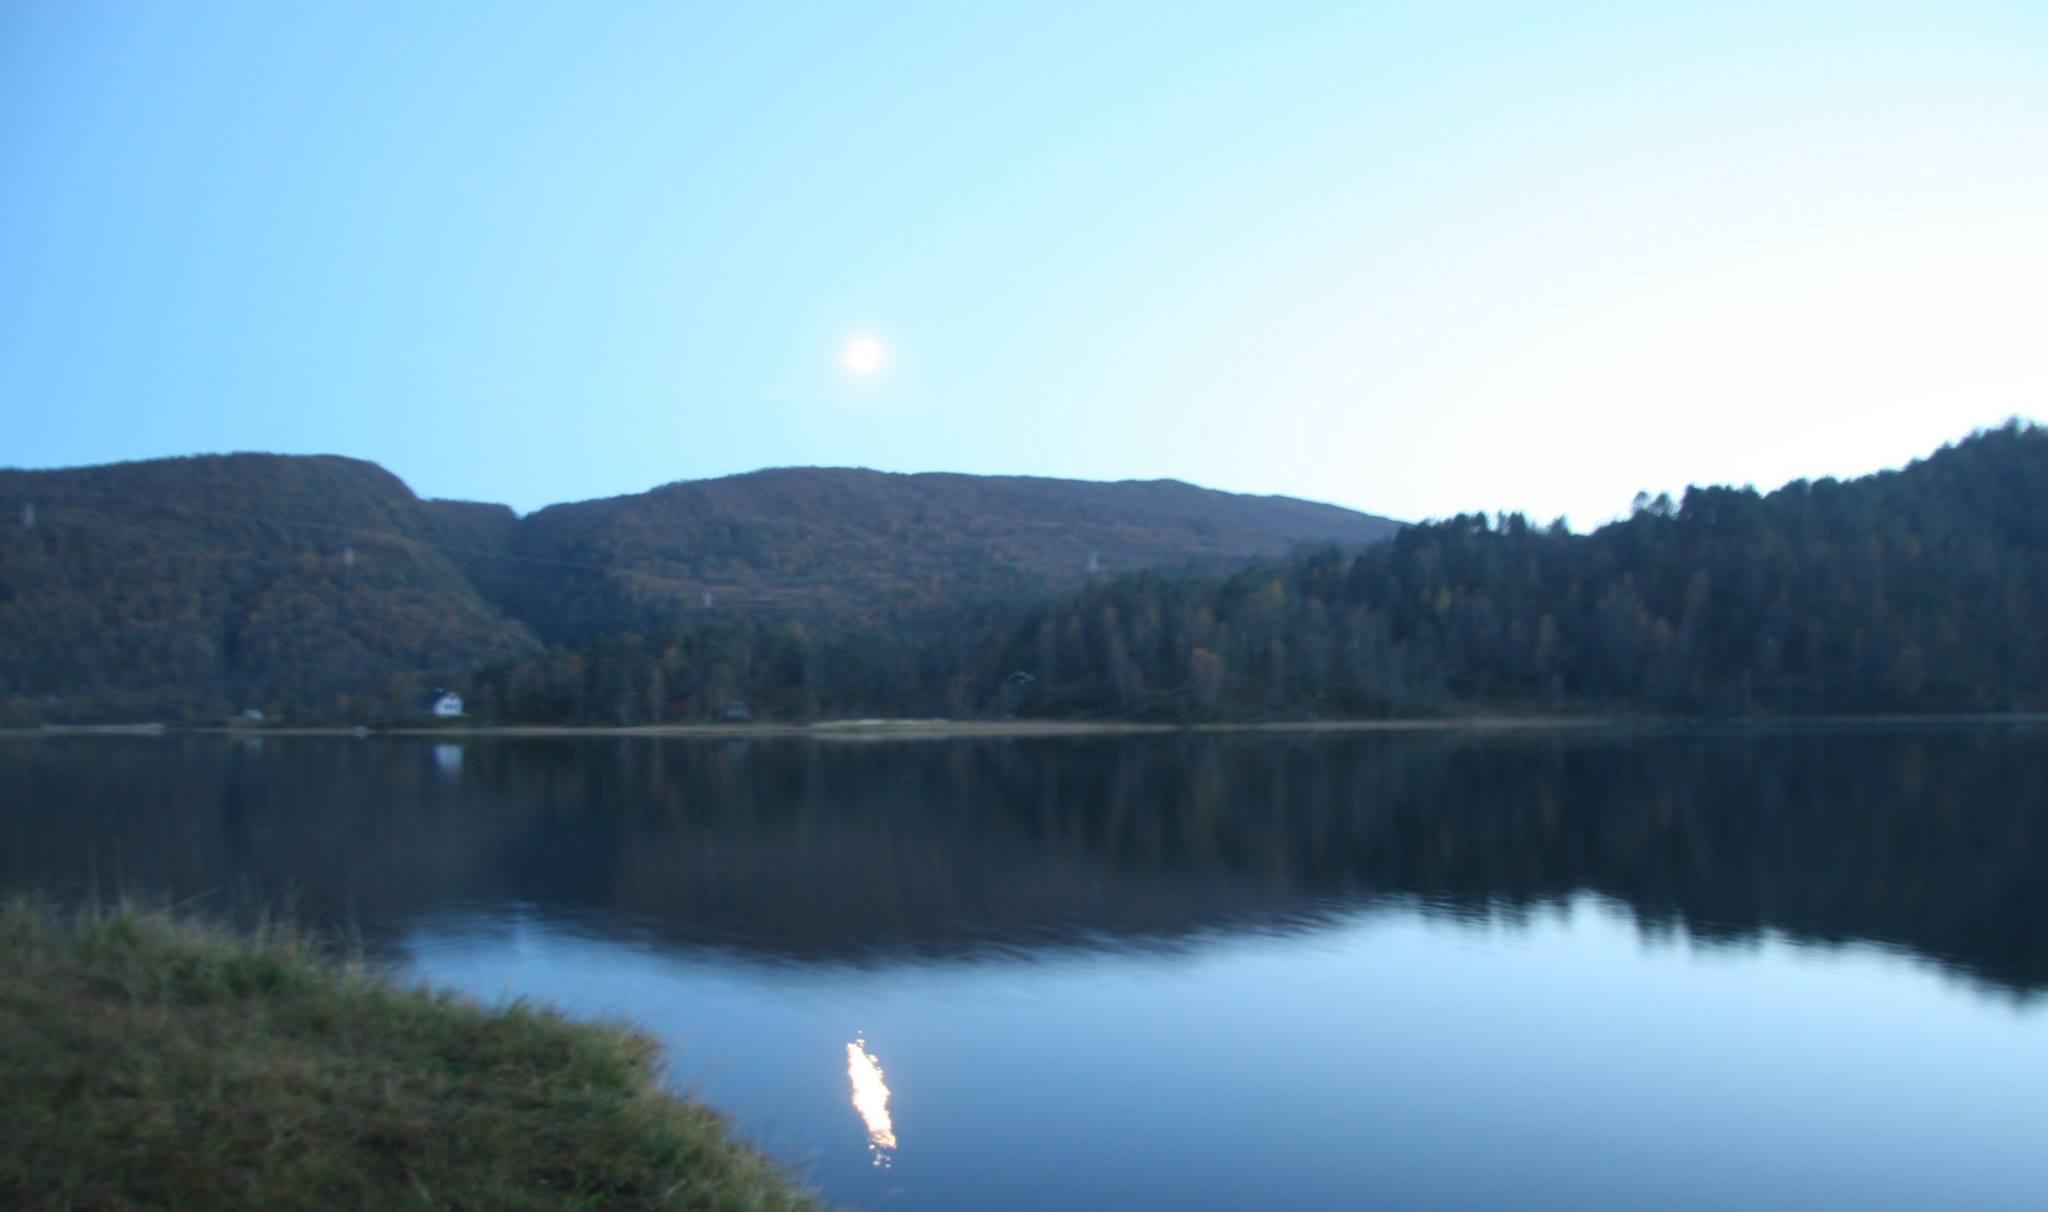 Nydelig utsikt fra båtplassen